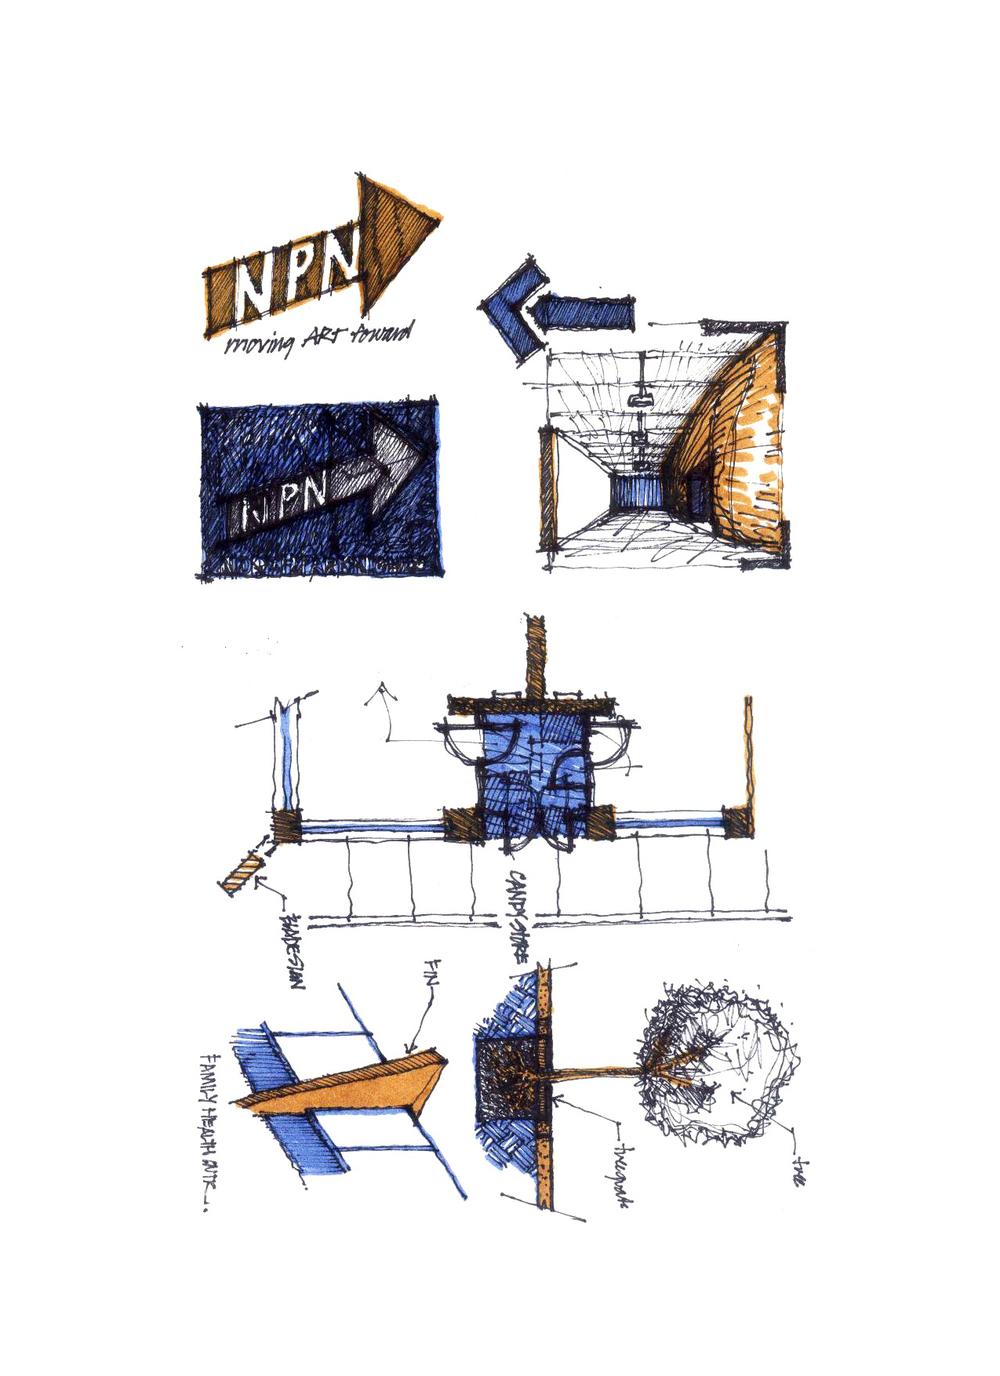 npn_sketches-2.jpg